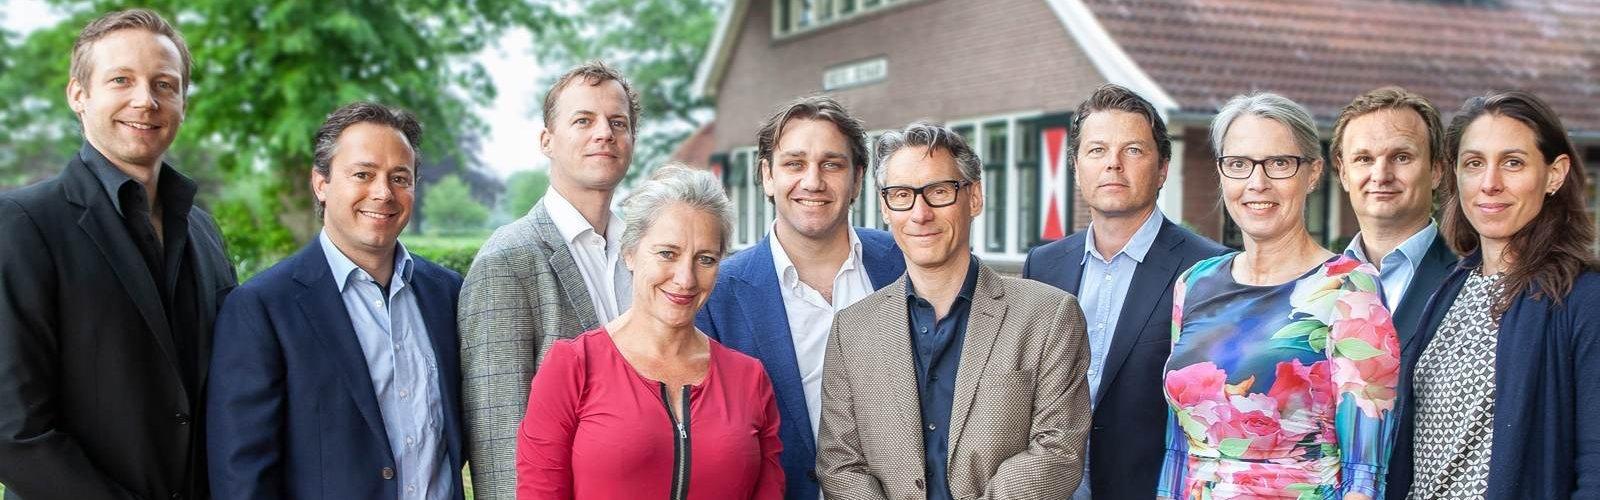 Maatschap PCOost plastische chirurgie Twente